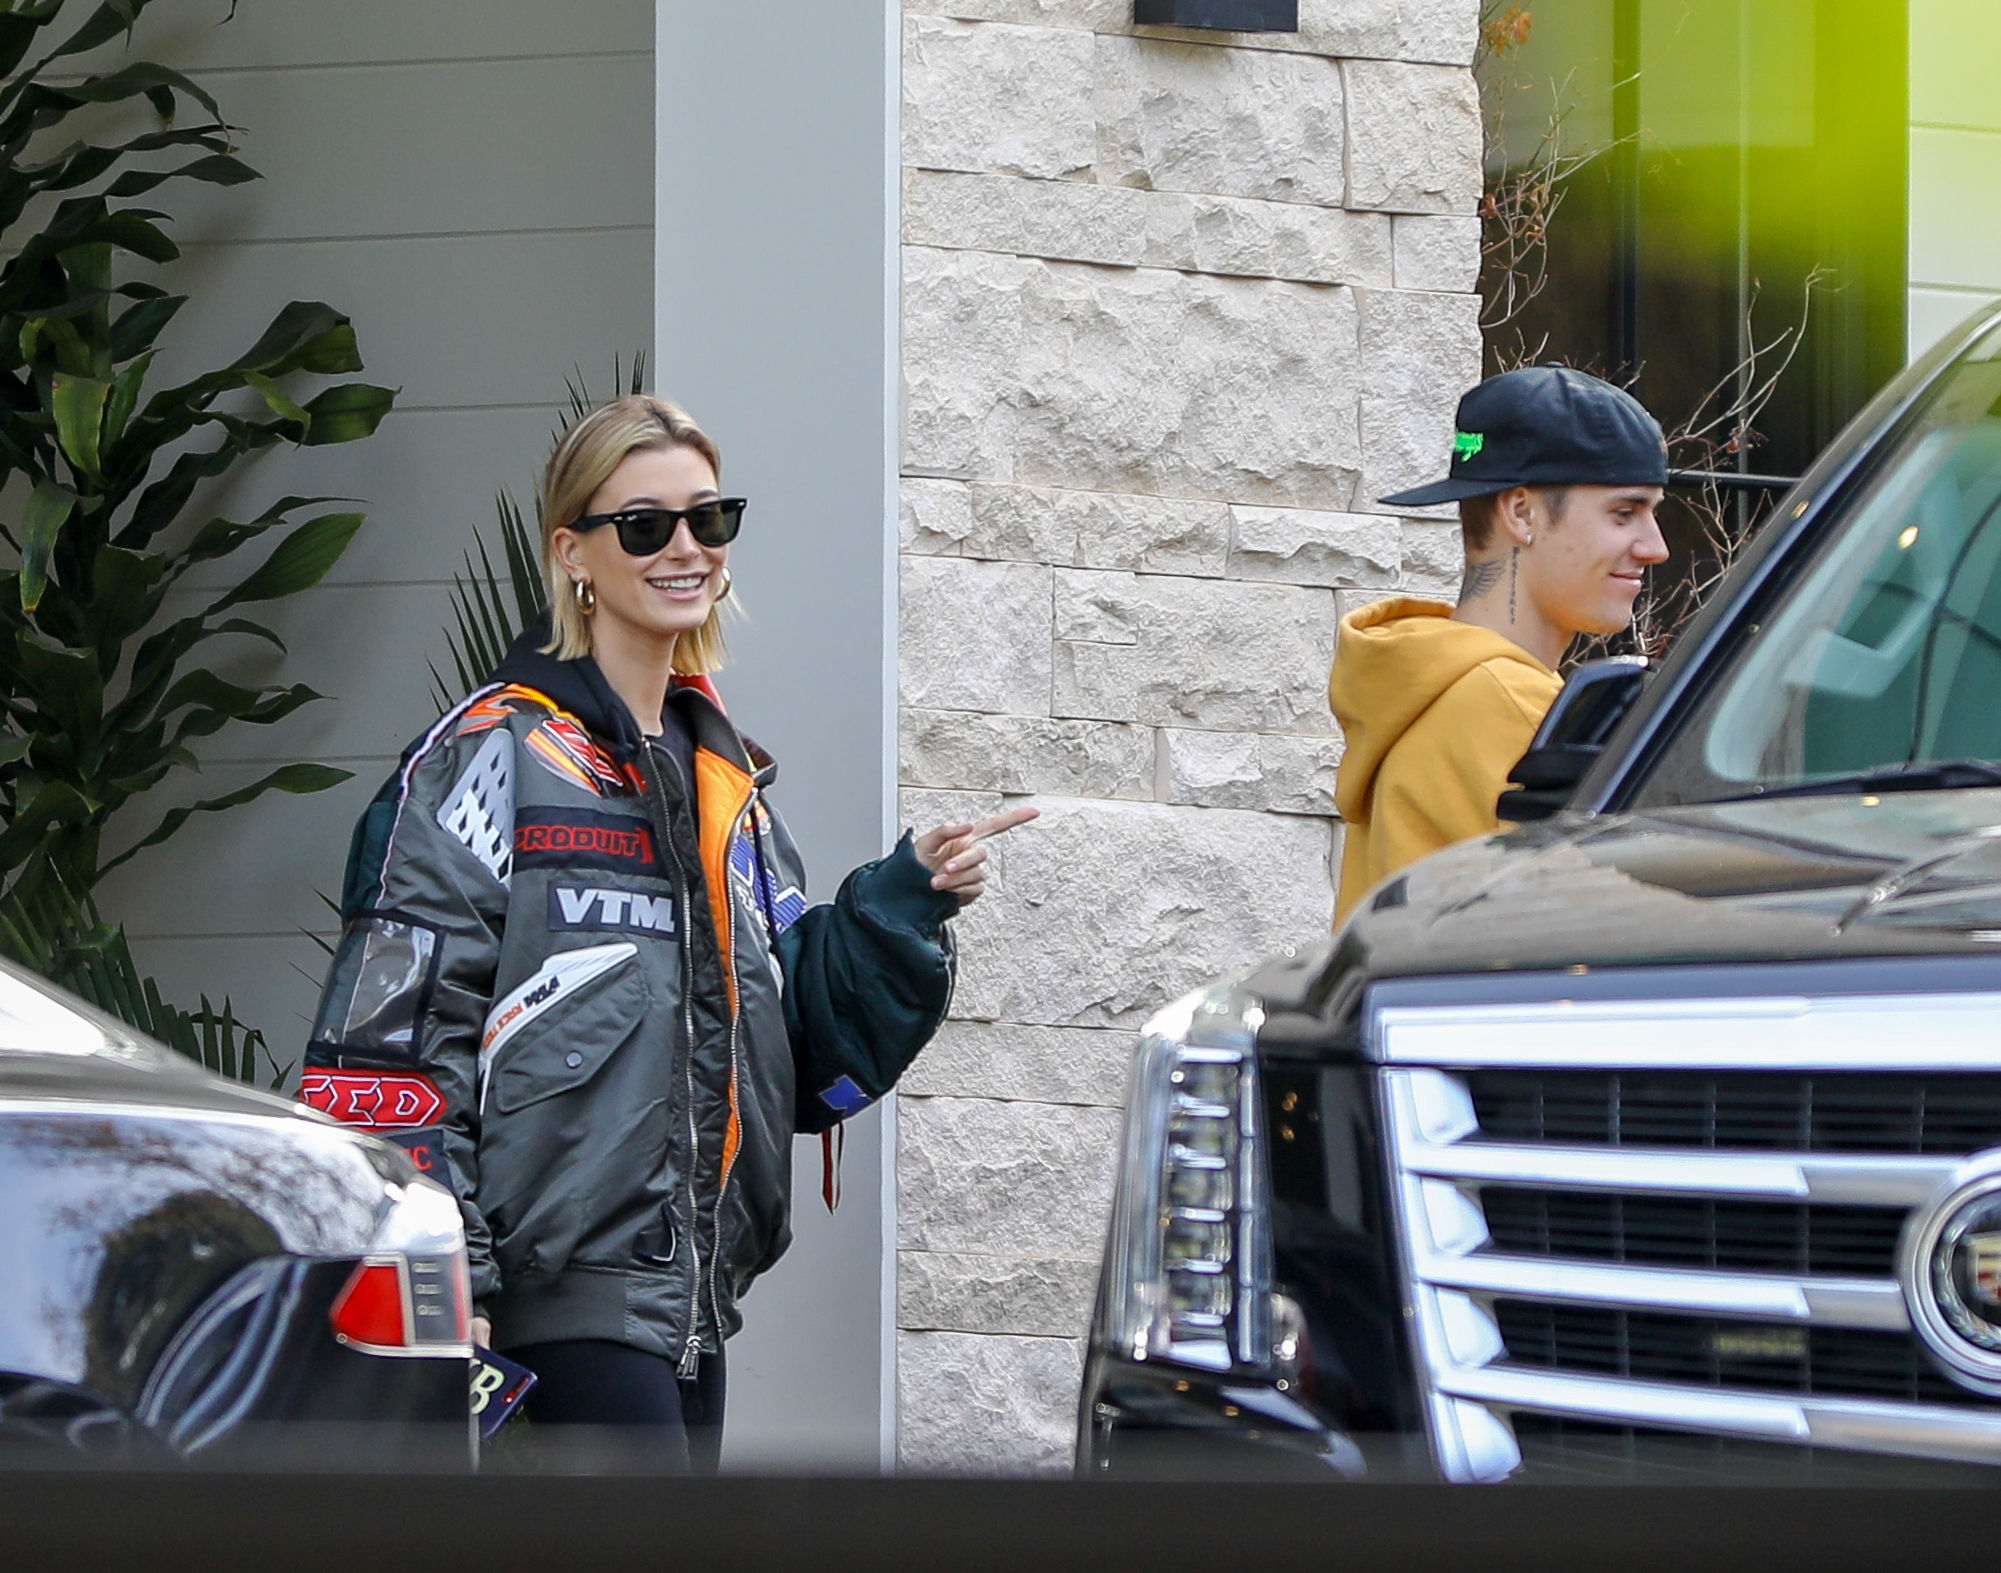 Justin zawiózł Hailey do lekarza. Wszystkie media piszą o jej CIĄŻY